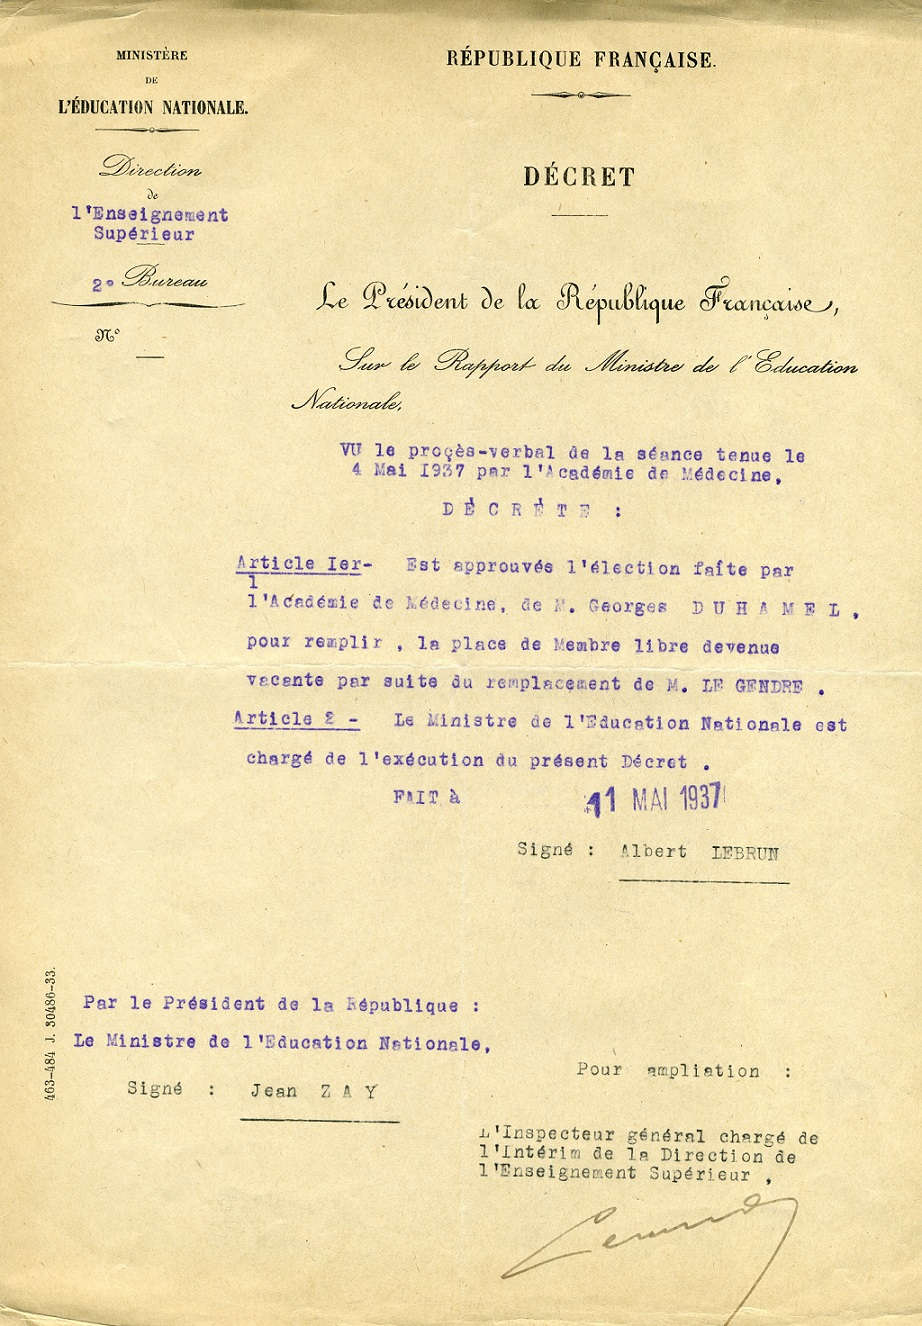 Décret entérinant l'élection de Georges Duhamel à l'ANM_11.05.1937